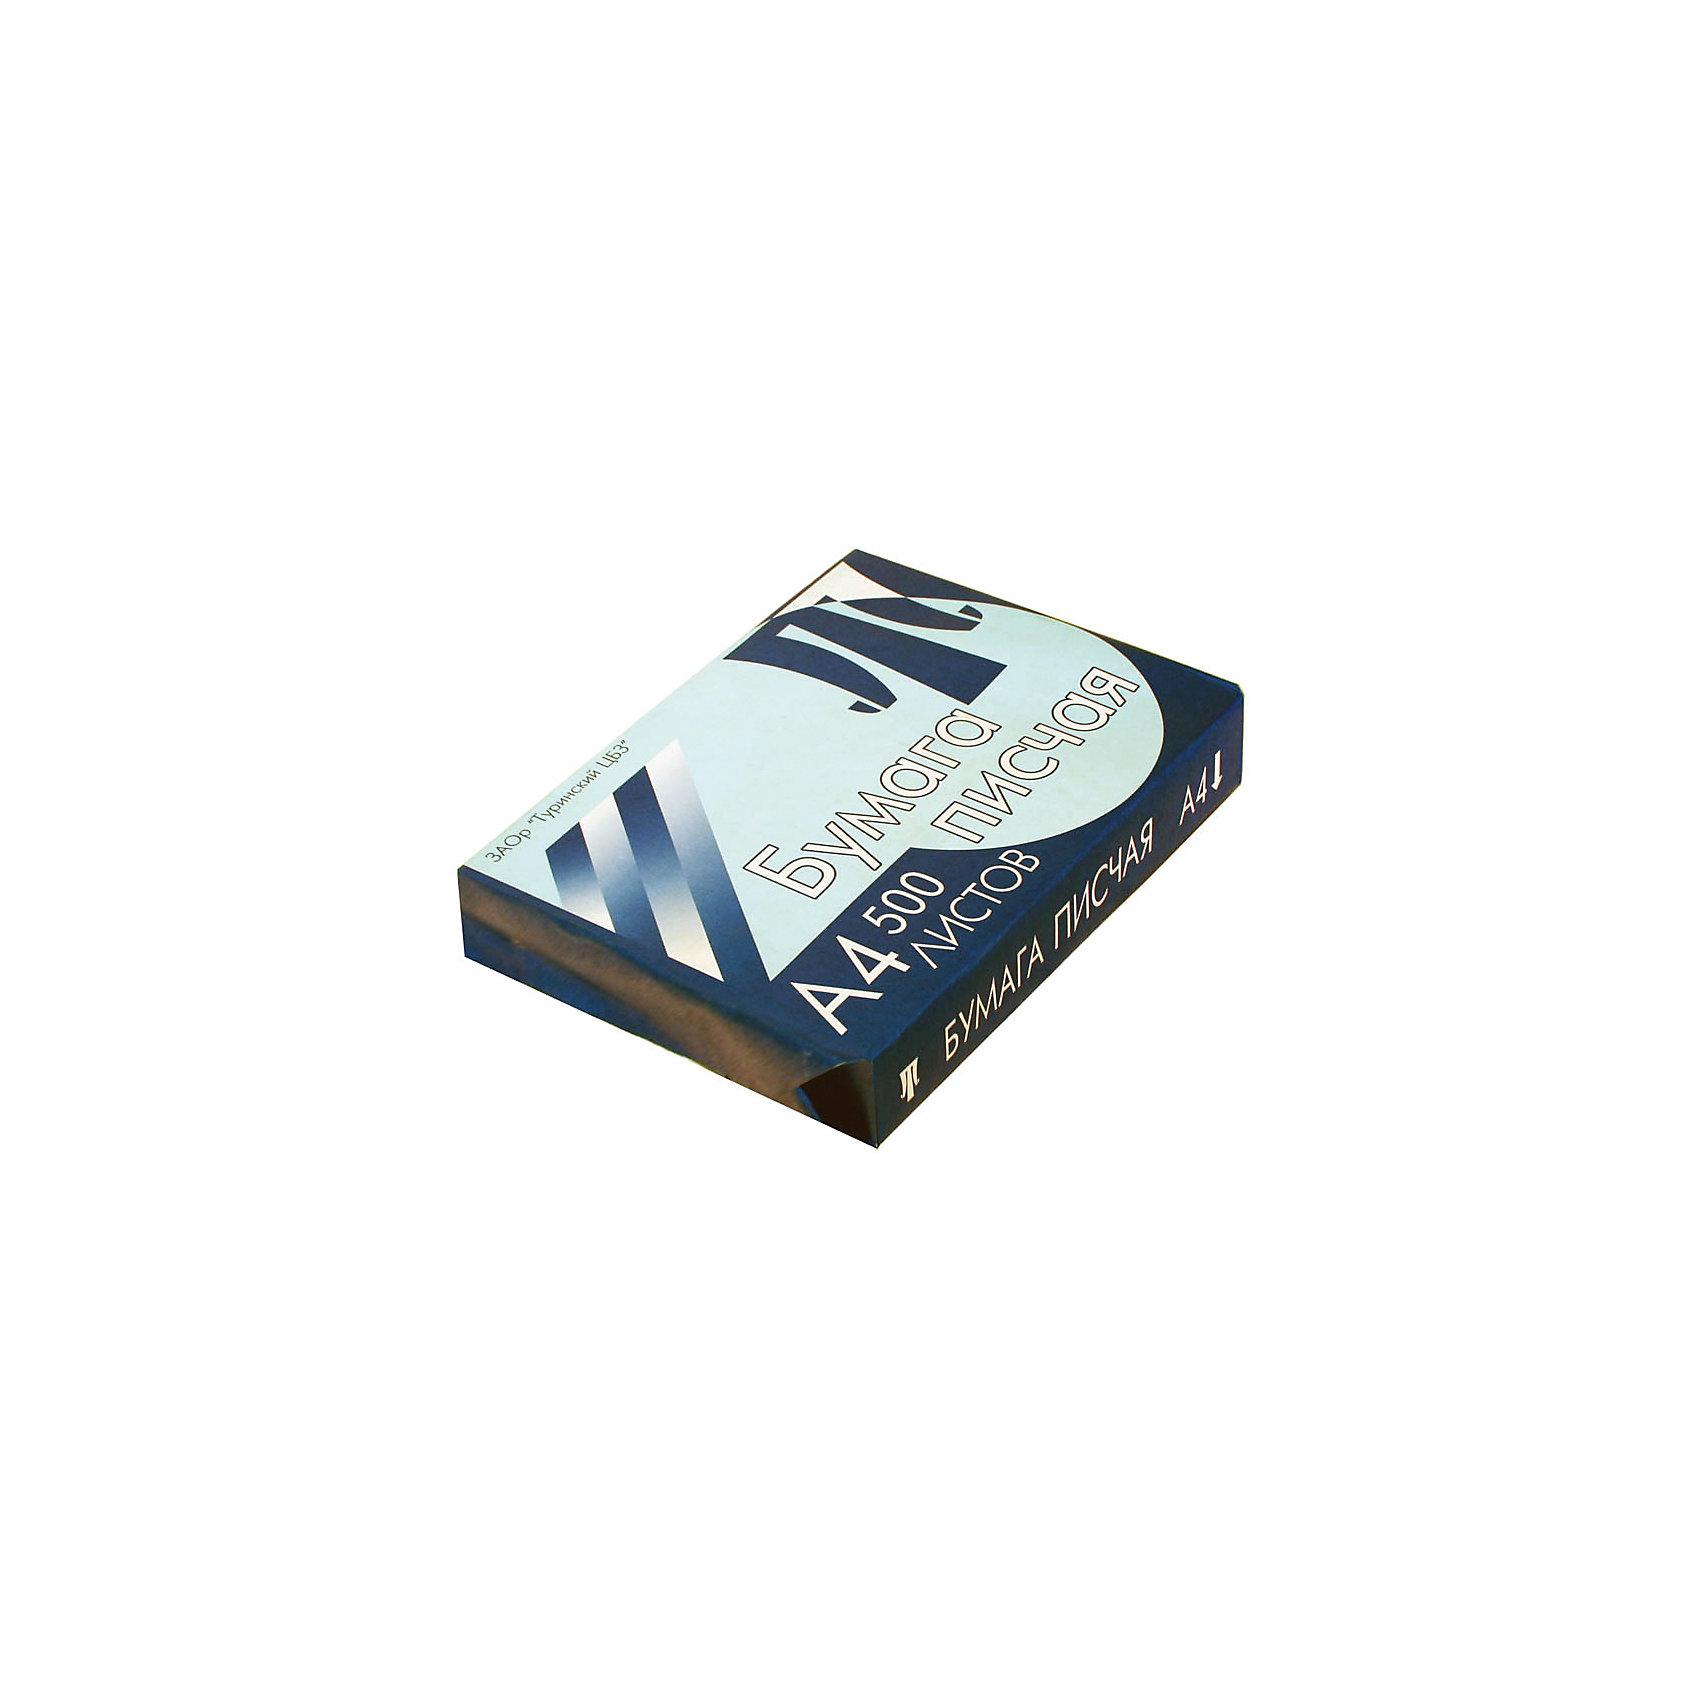 Бумага писчая А4 500листов ТуринскБумажная продукция<br>Плотность бумаги: 65<br>Формат : A4<br>Количество листов: 500<br>Белизна по ГОСТ: 94<br>Линовка: нет<br>Цвет: белый<br>Непрозрачность: 91<br>Количество пачек в коробке: 5<br>Бумага писчая или бумага для пишущих машин и ризографов обладает более низкой плотностью и белизной. Применяется для ведения записи ручками и другими пишущими принадлежностями, либо пишущими машинами. Формат А4, 500 листов, белая. Плотность бумаги - 65 г/м?. Цвет - белый, белизна 94%.<br><br>Ширина мм: 300<br>Глубина мм: 210<br>Высота мм: 43<br>Вес г: 2120<br>Возраст от месяцев: 60<br>Возраст до месяцев: 2147483647<br>Пол: Унисекс<br>Возраст: Детский<br>SKU: 7044304